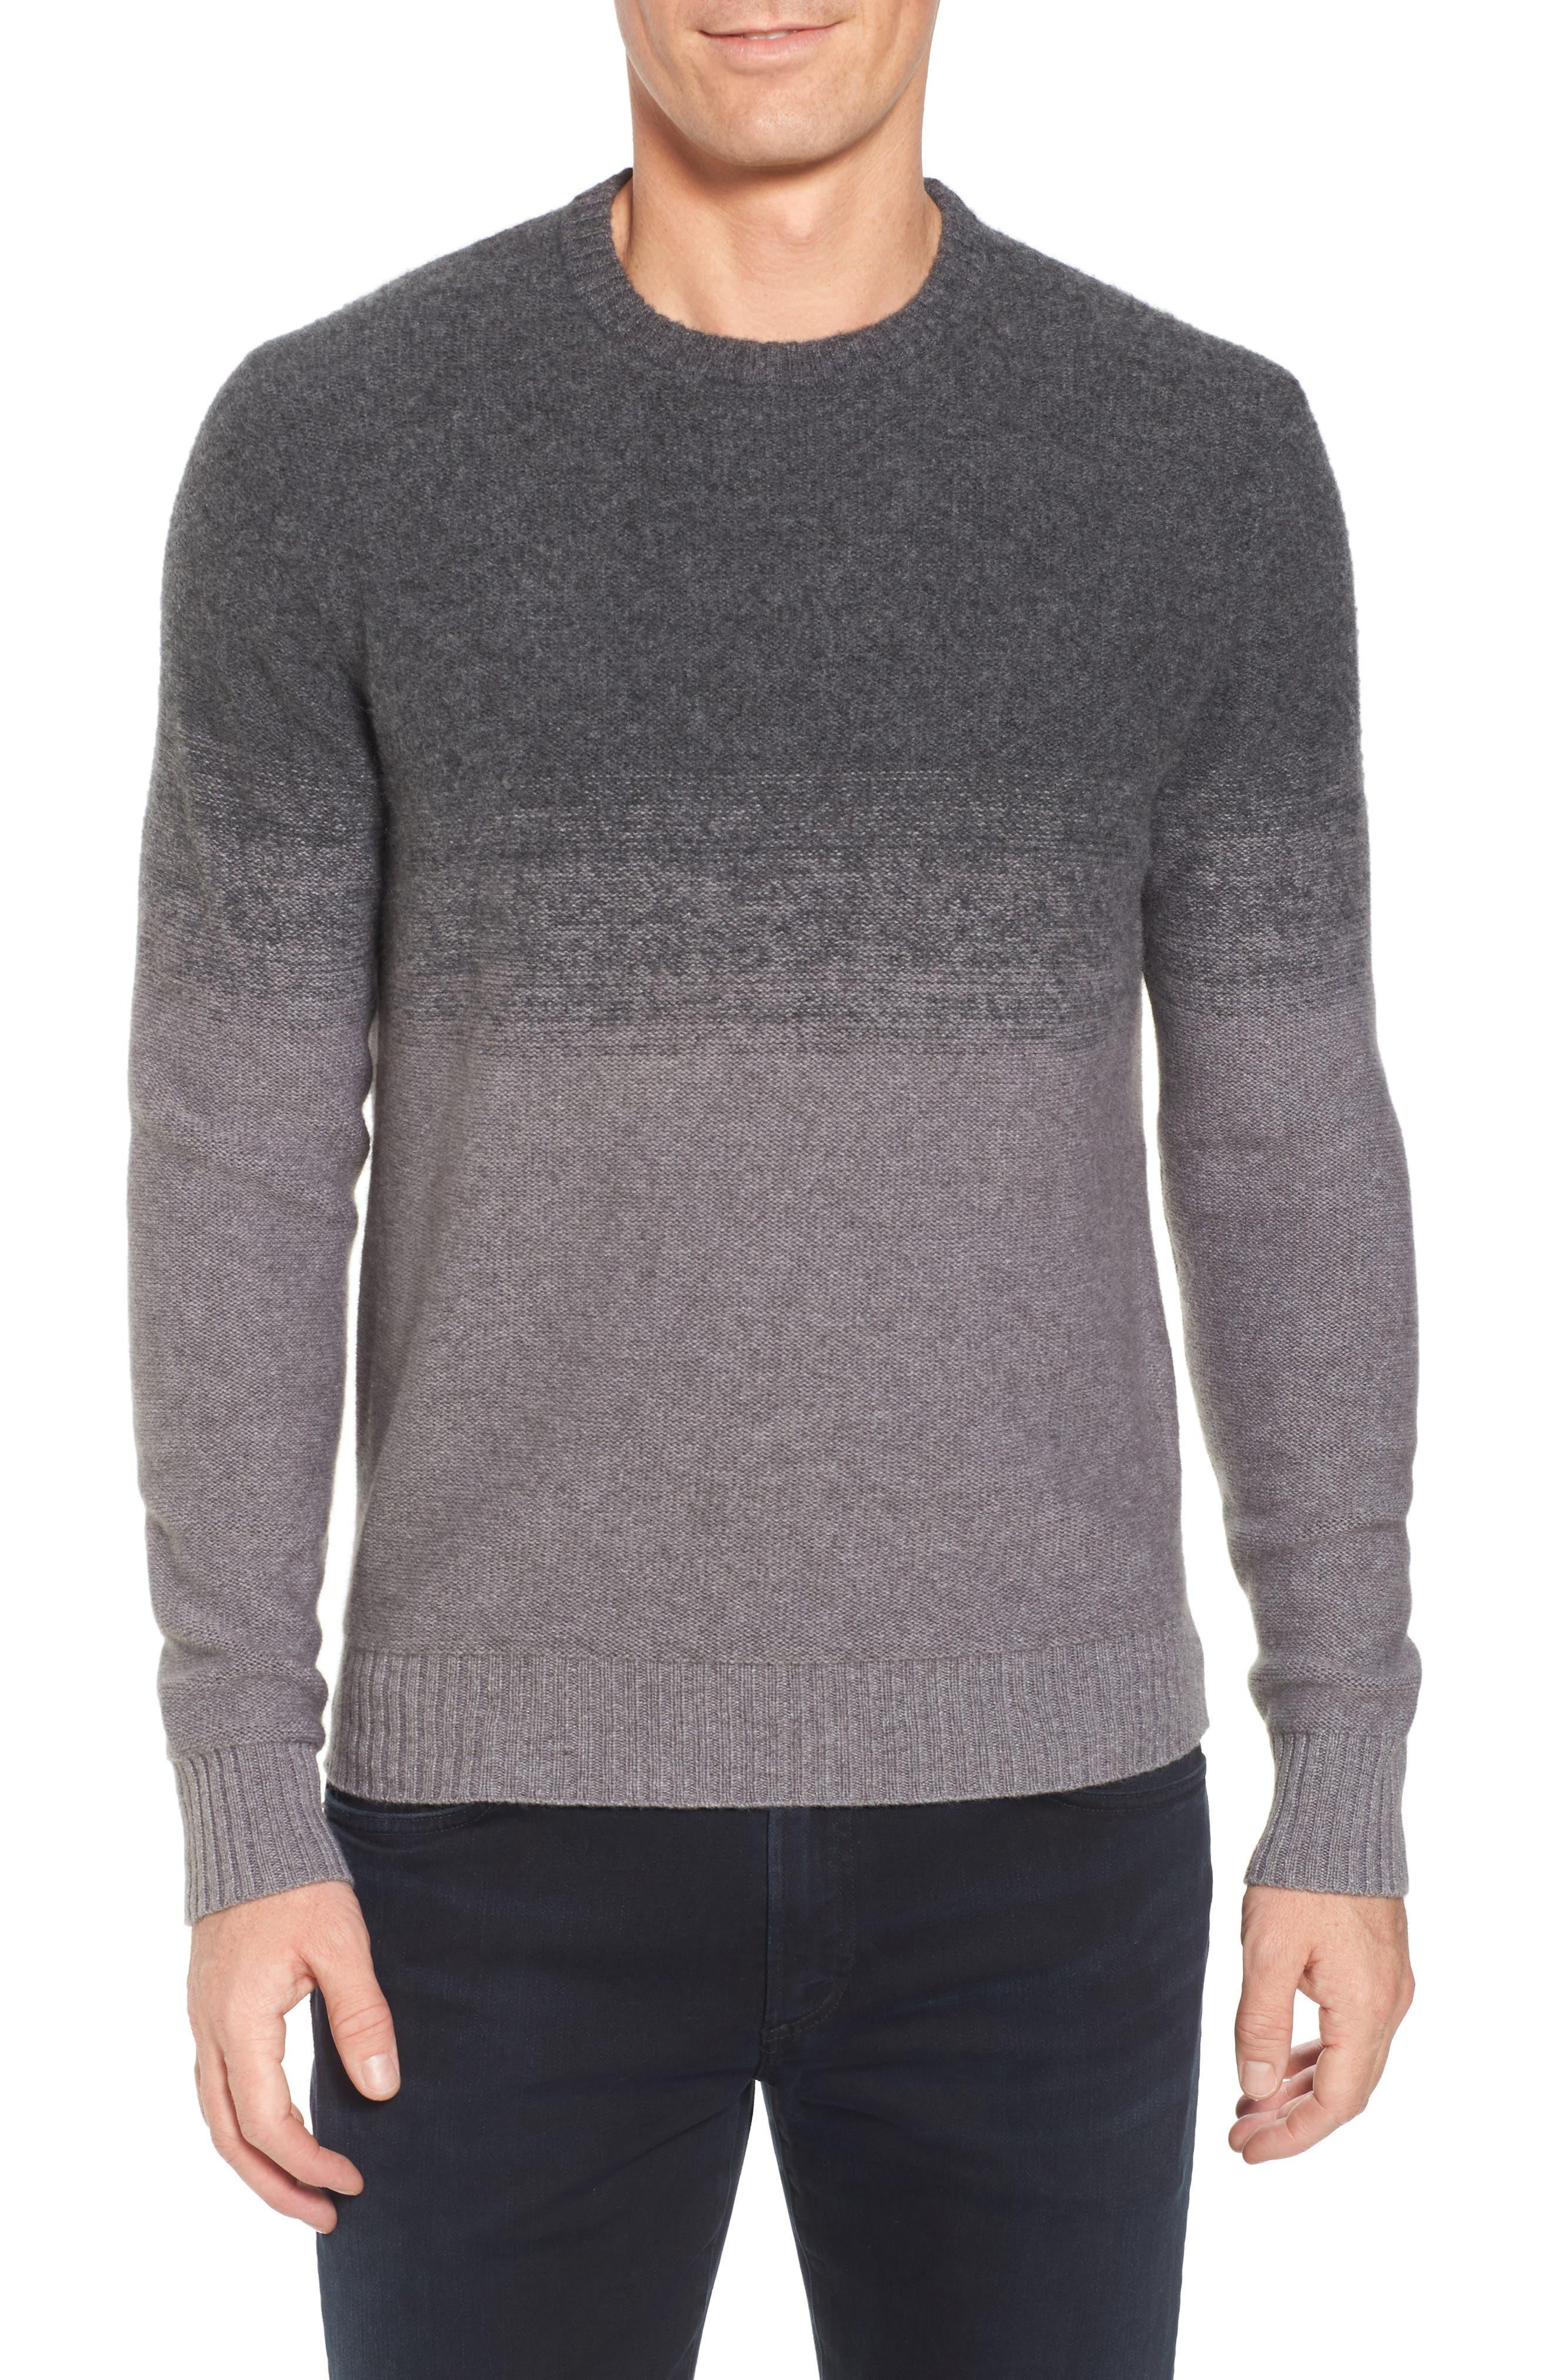 Monte Rosse Ombré Cashmere Sweater,                             Main thumbnail 1, color,                             030